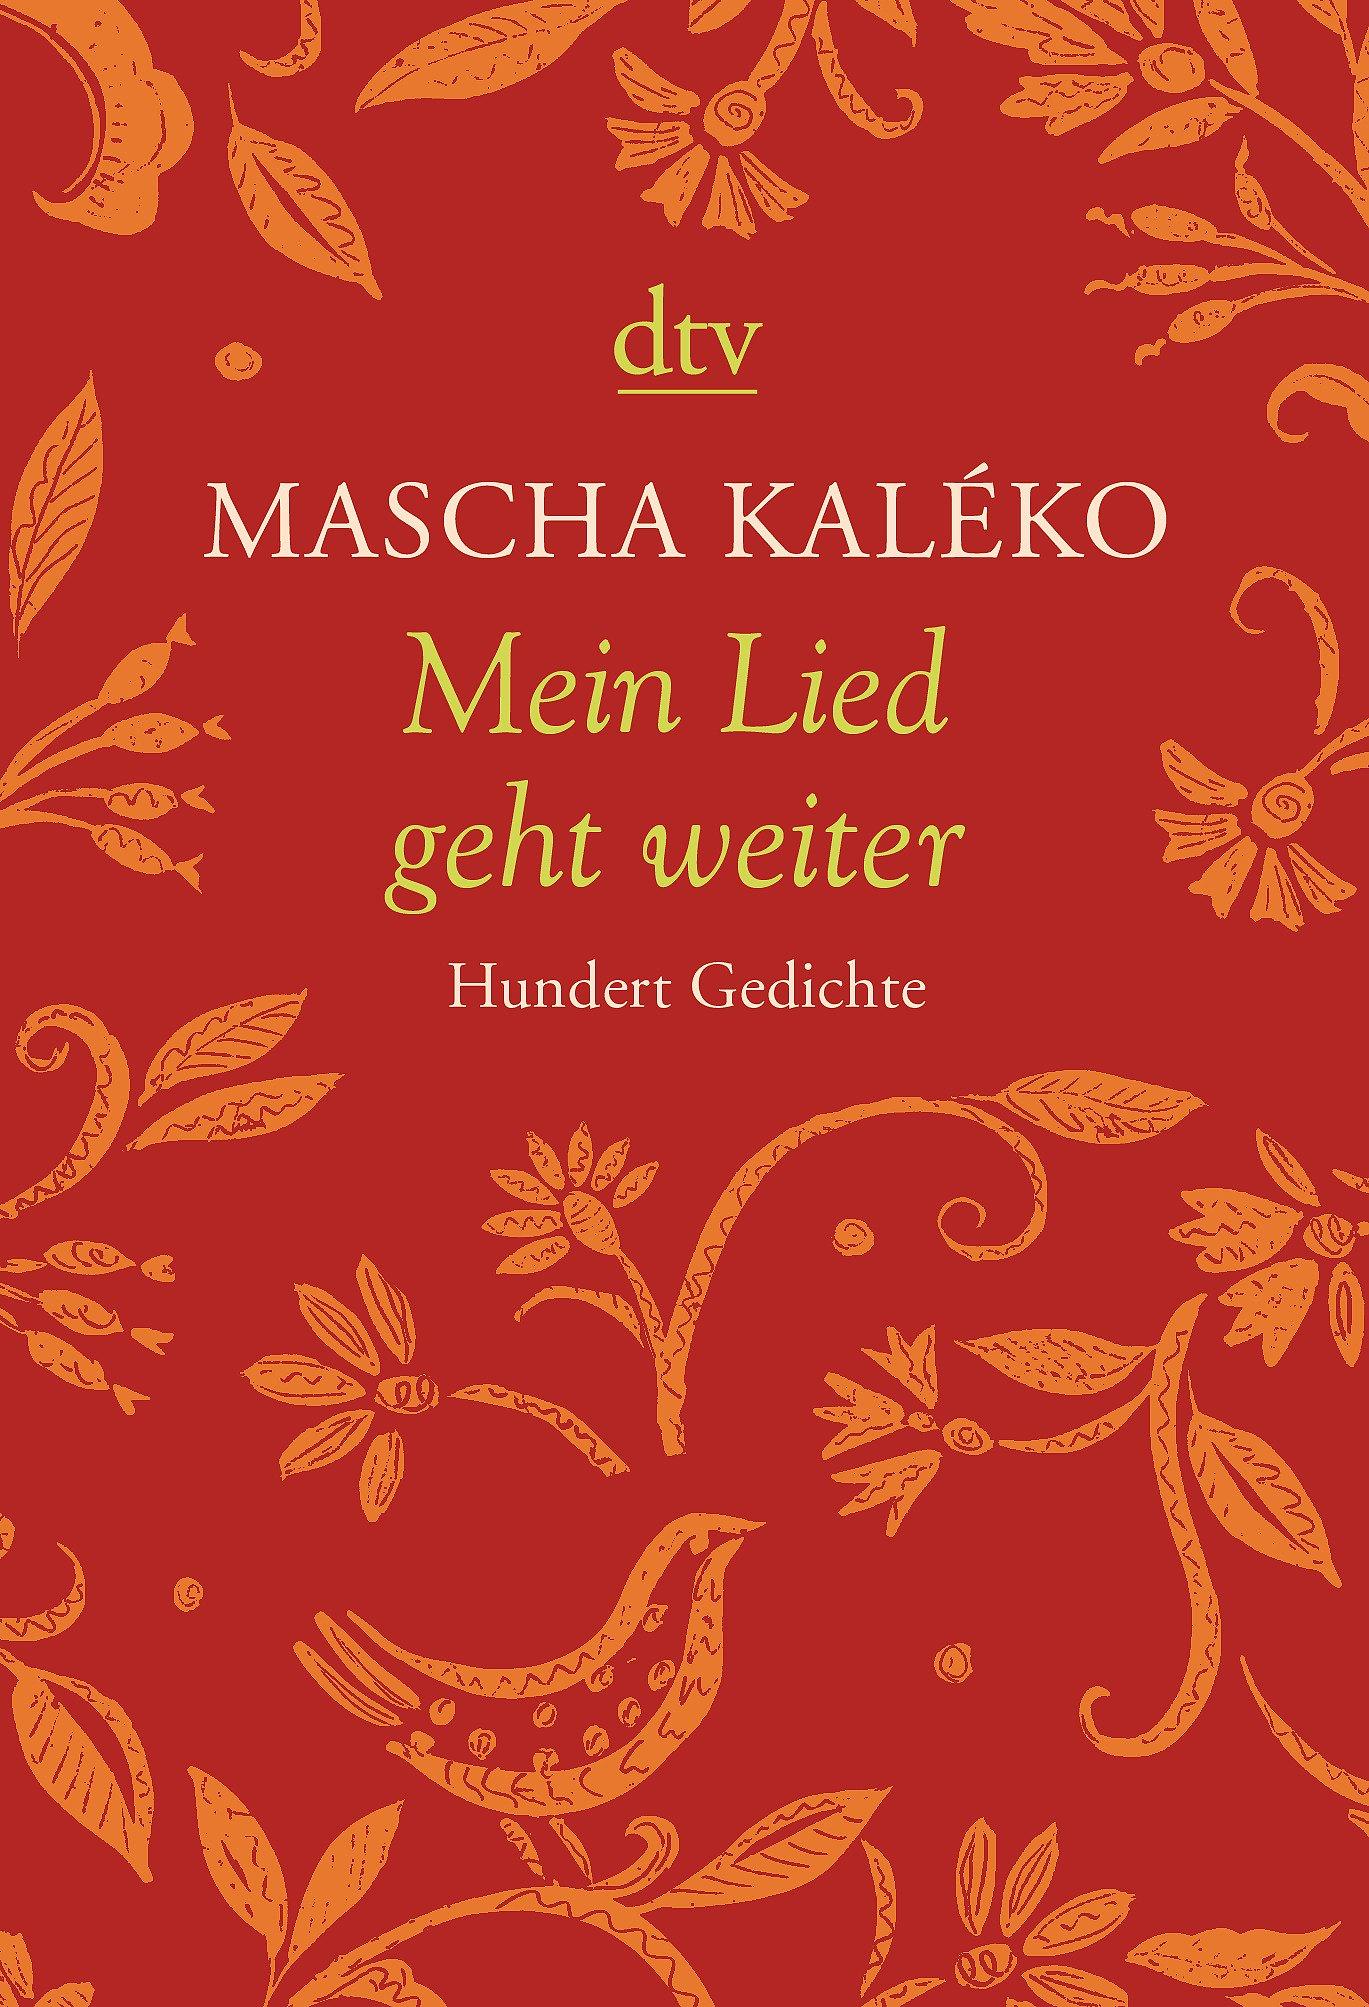 Mein Lied Geht Weiter Hundert Gedichte Amazonde Gisela